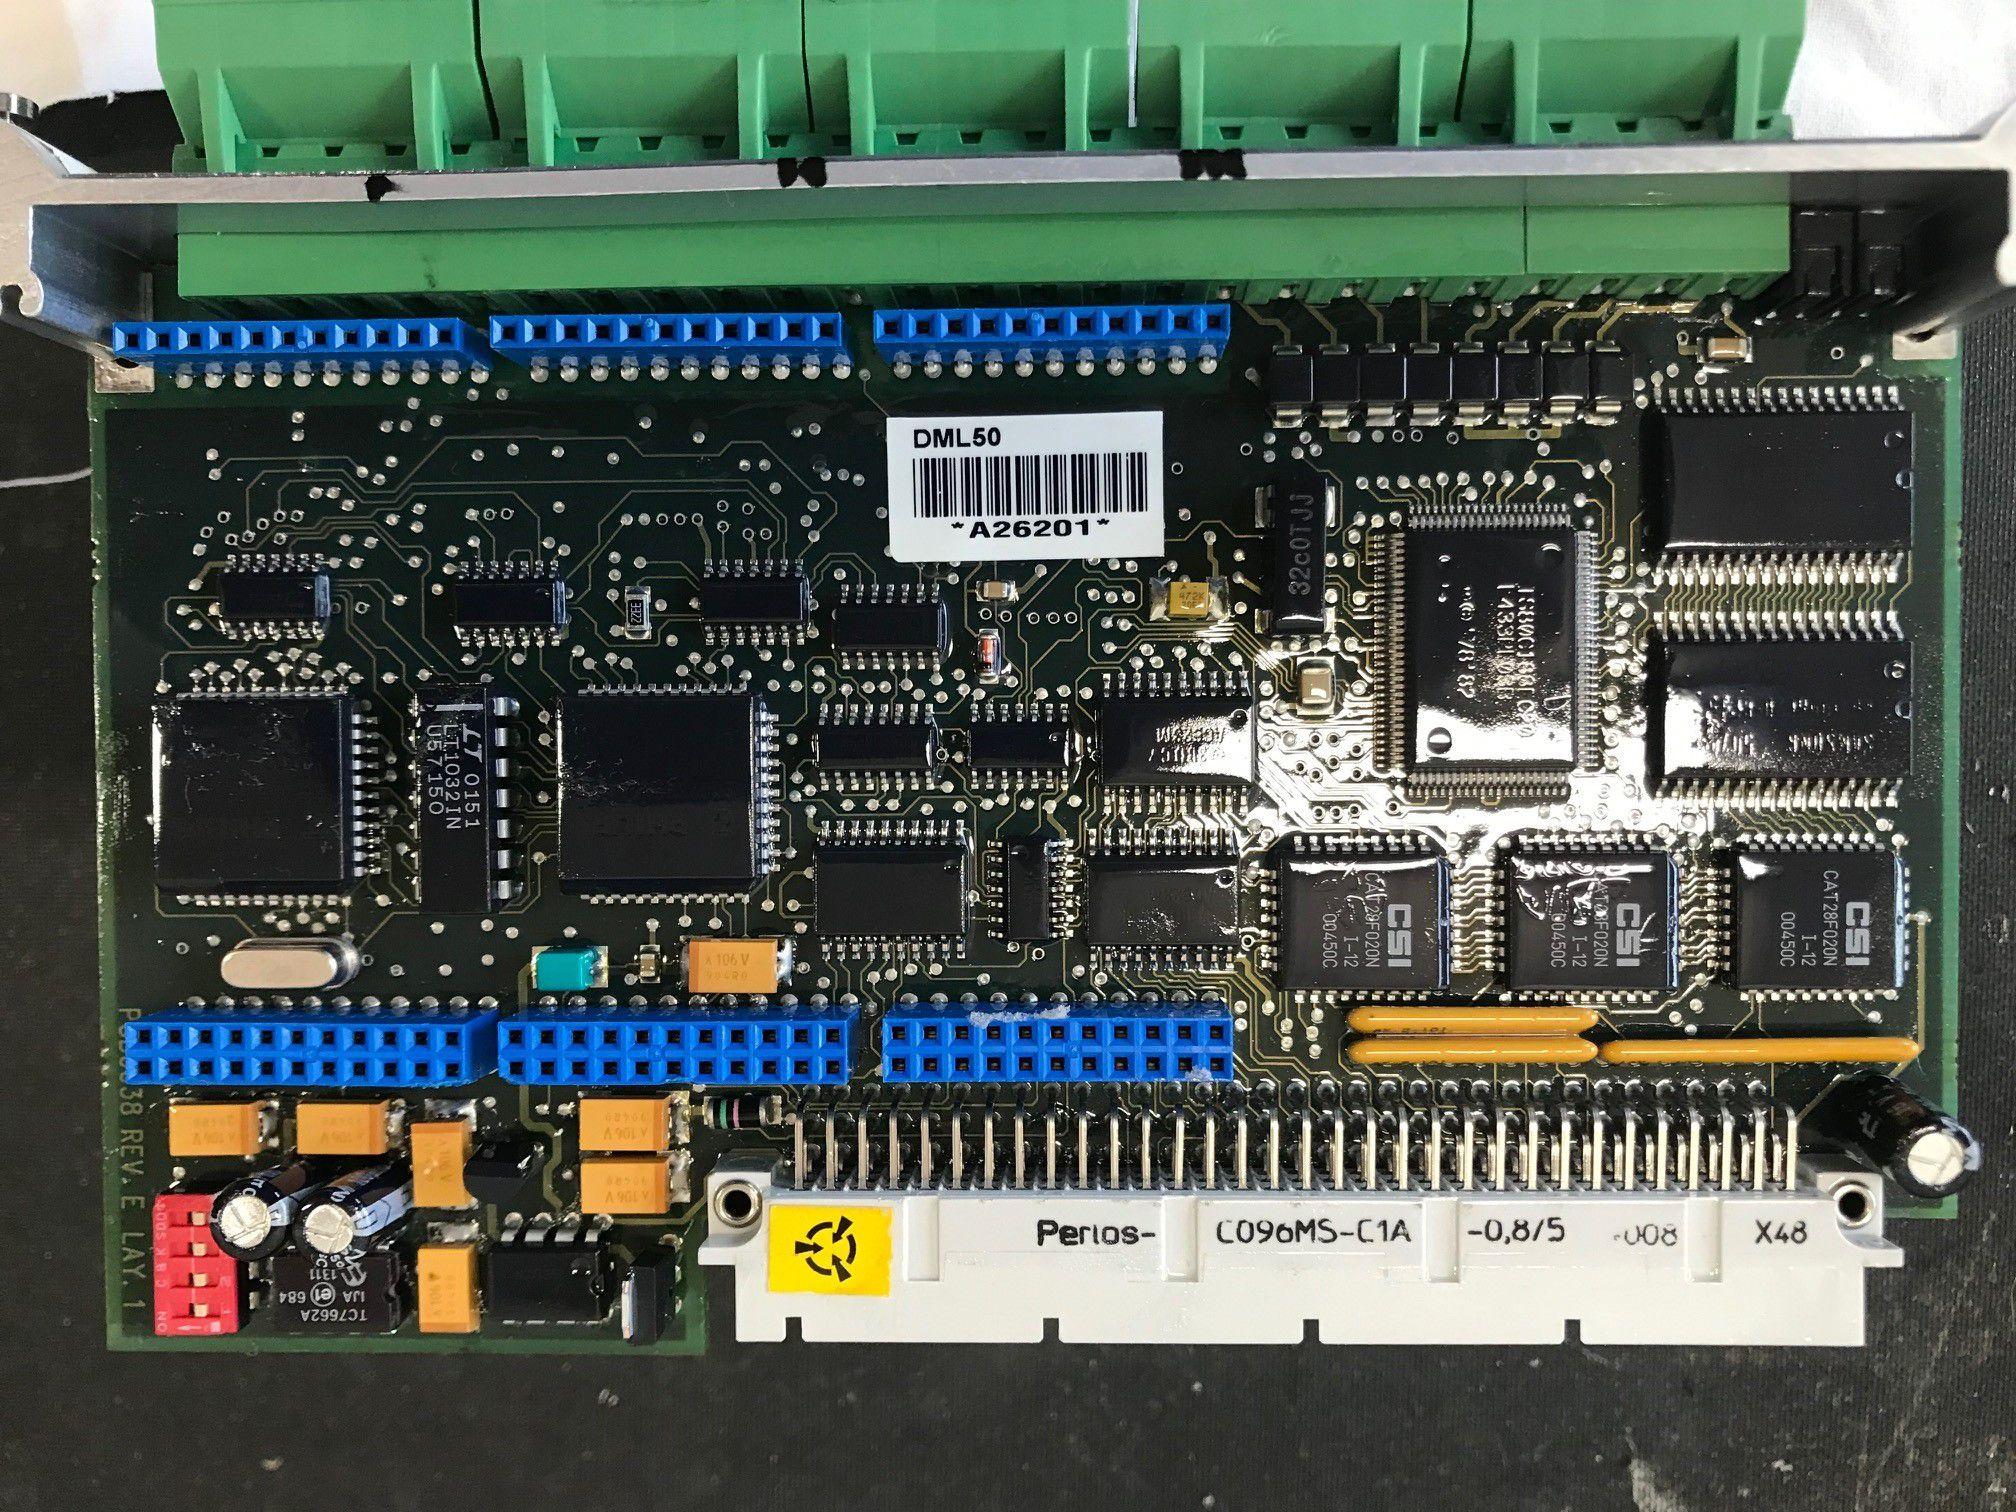 Communication interface PCB